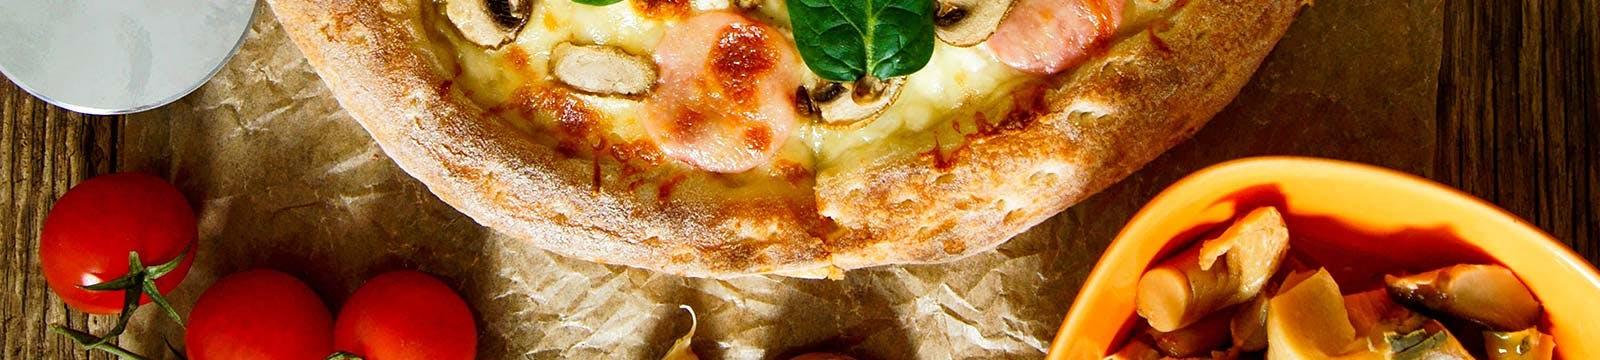 Najlepsza pizza w rzeszowie !